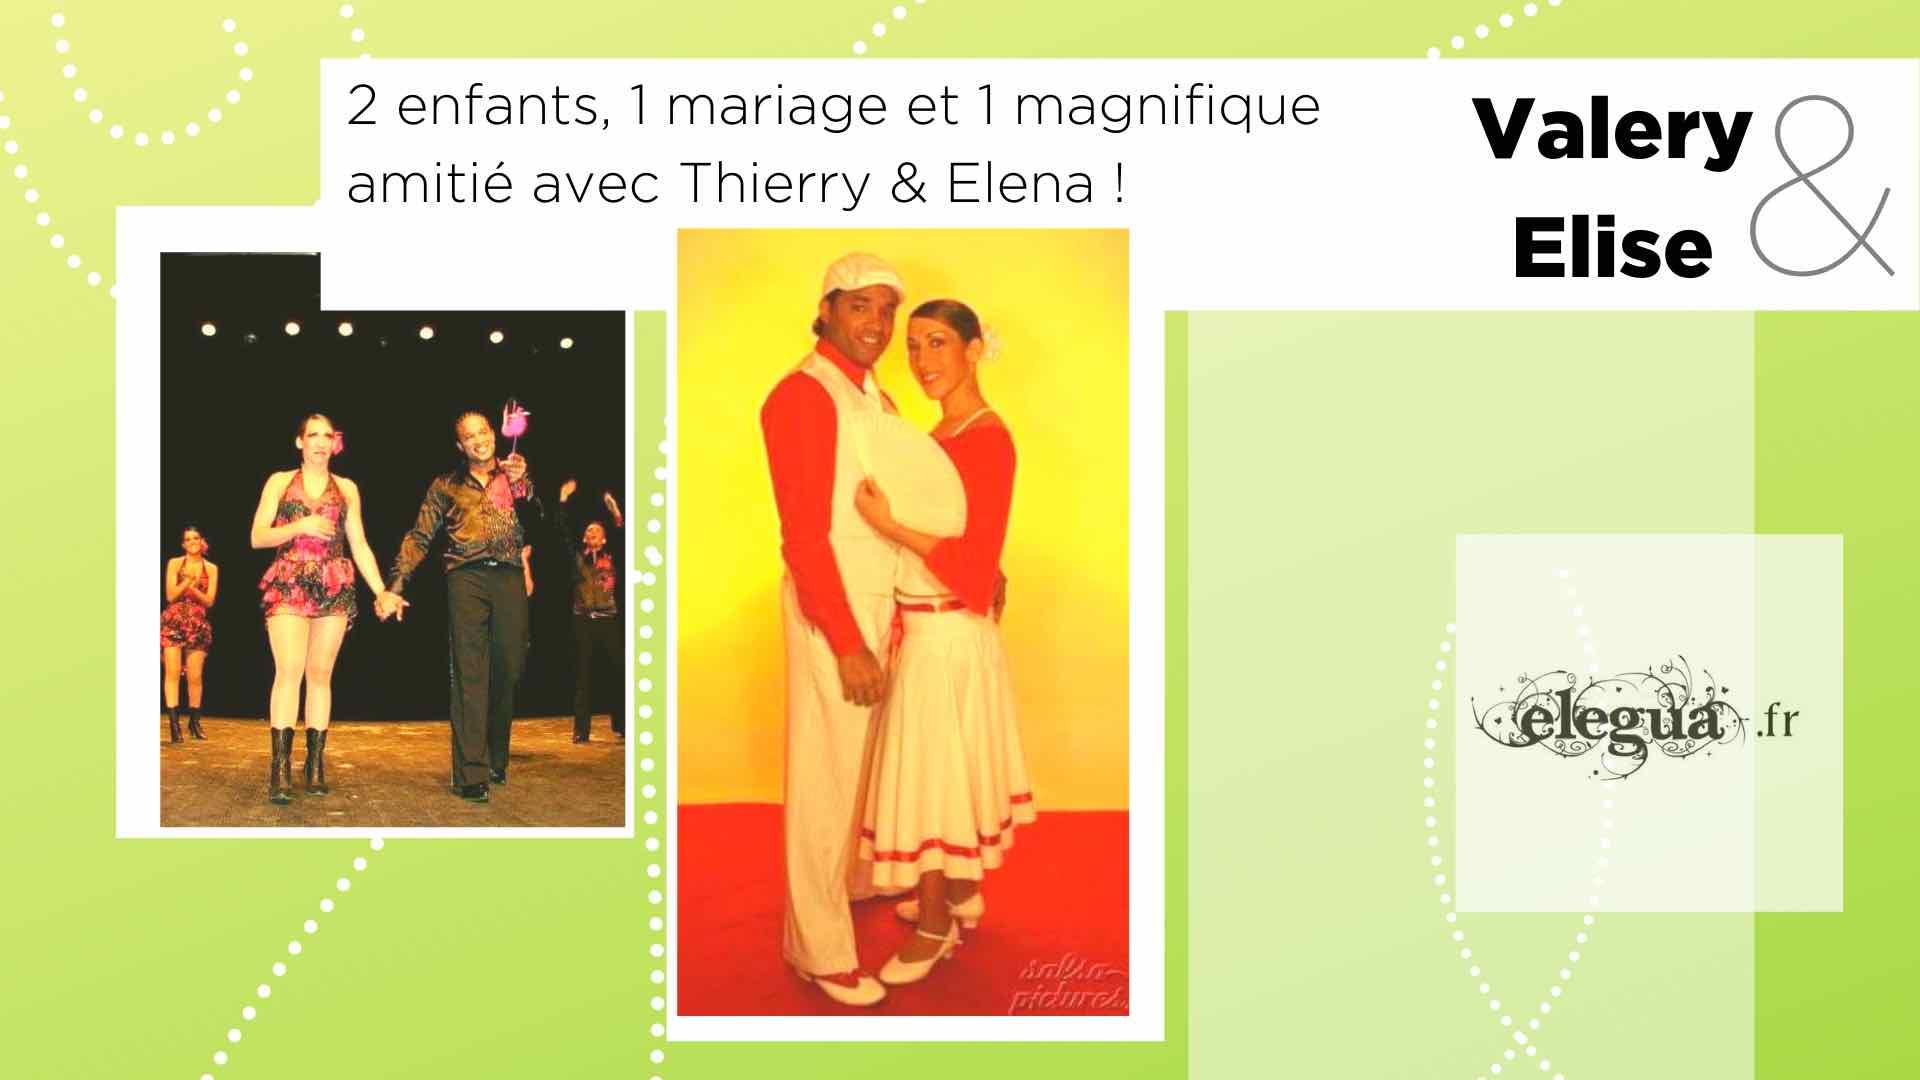 Ils ont rencontré l'amour chez Elegua Valery et Elise. Pour la Saint-Valentin 8 couples nous partagent leur histoire...